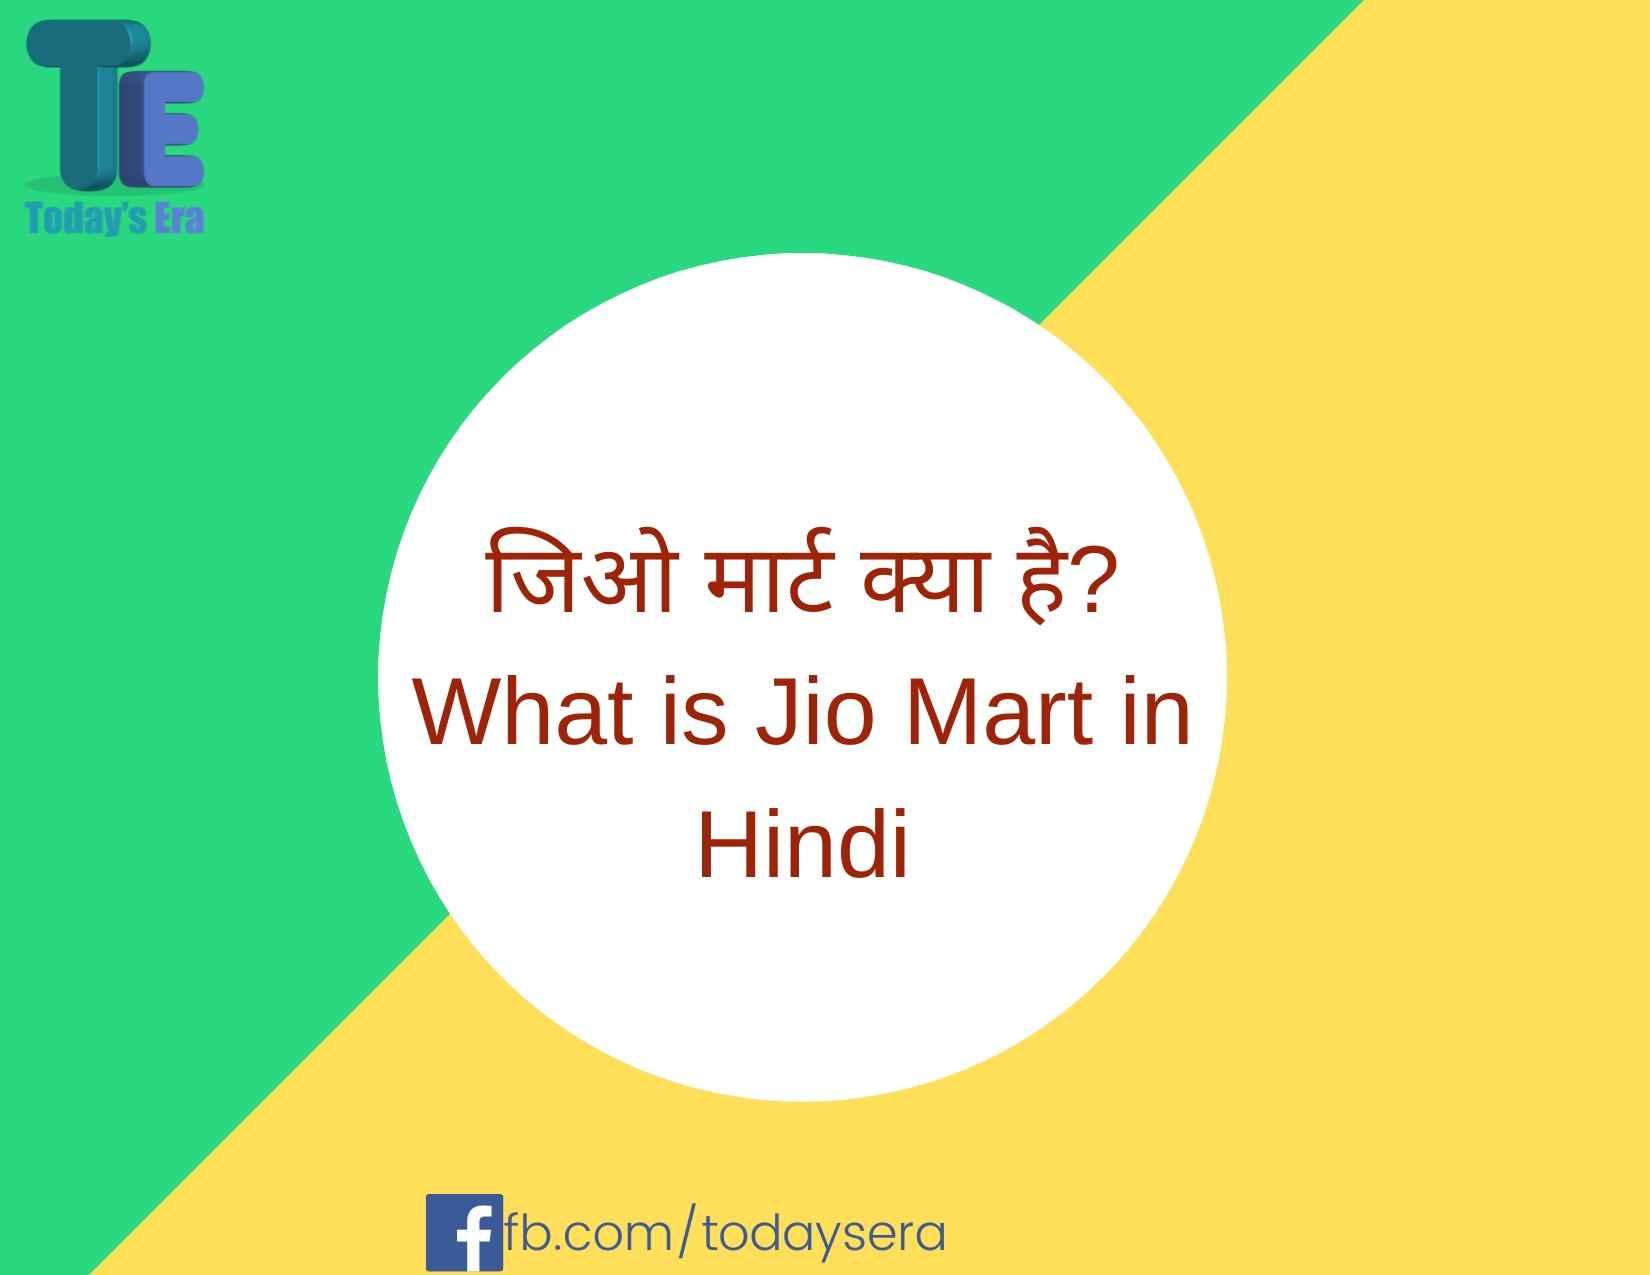 जिओ मार्ट क्या है_ What is Jio Mart in Hindi